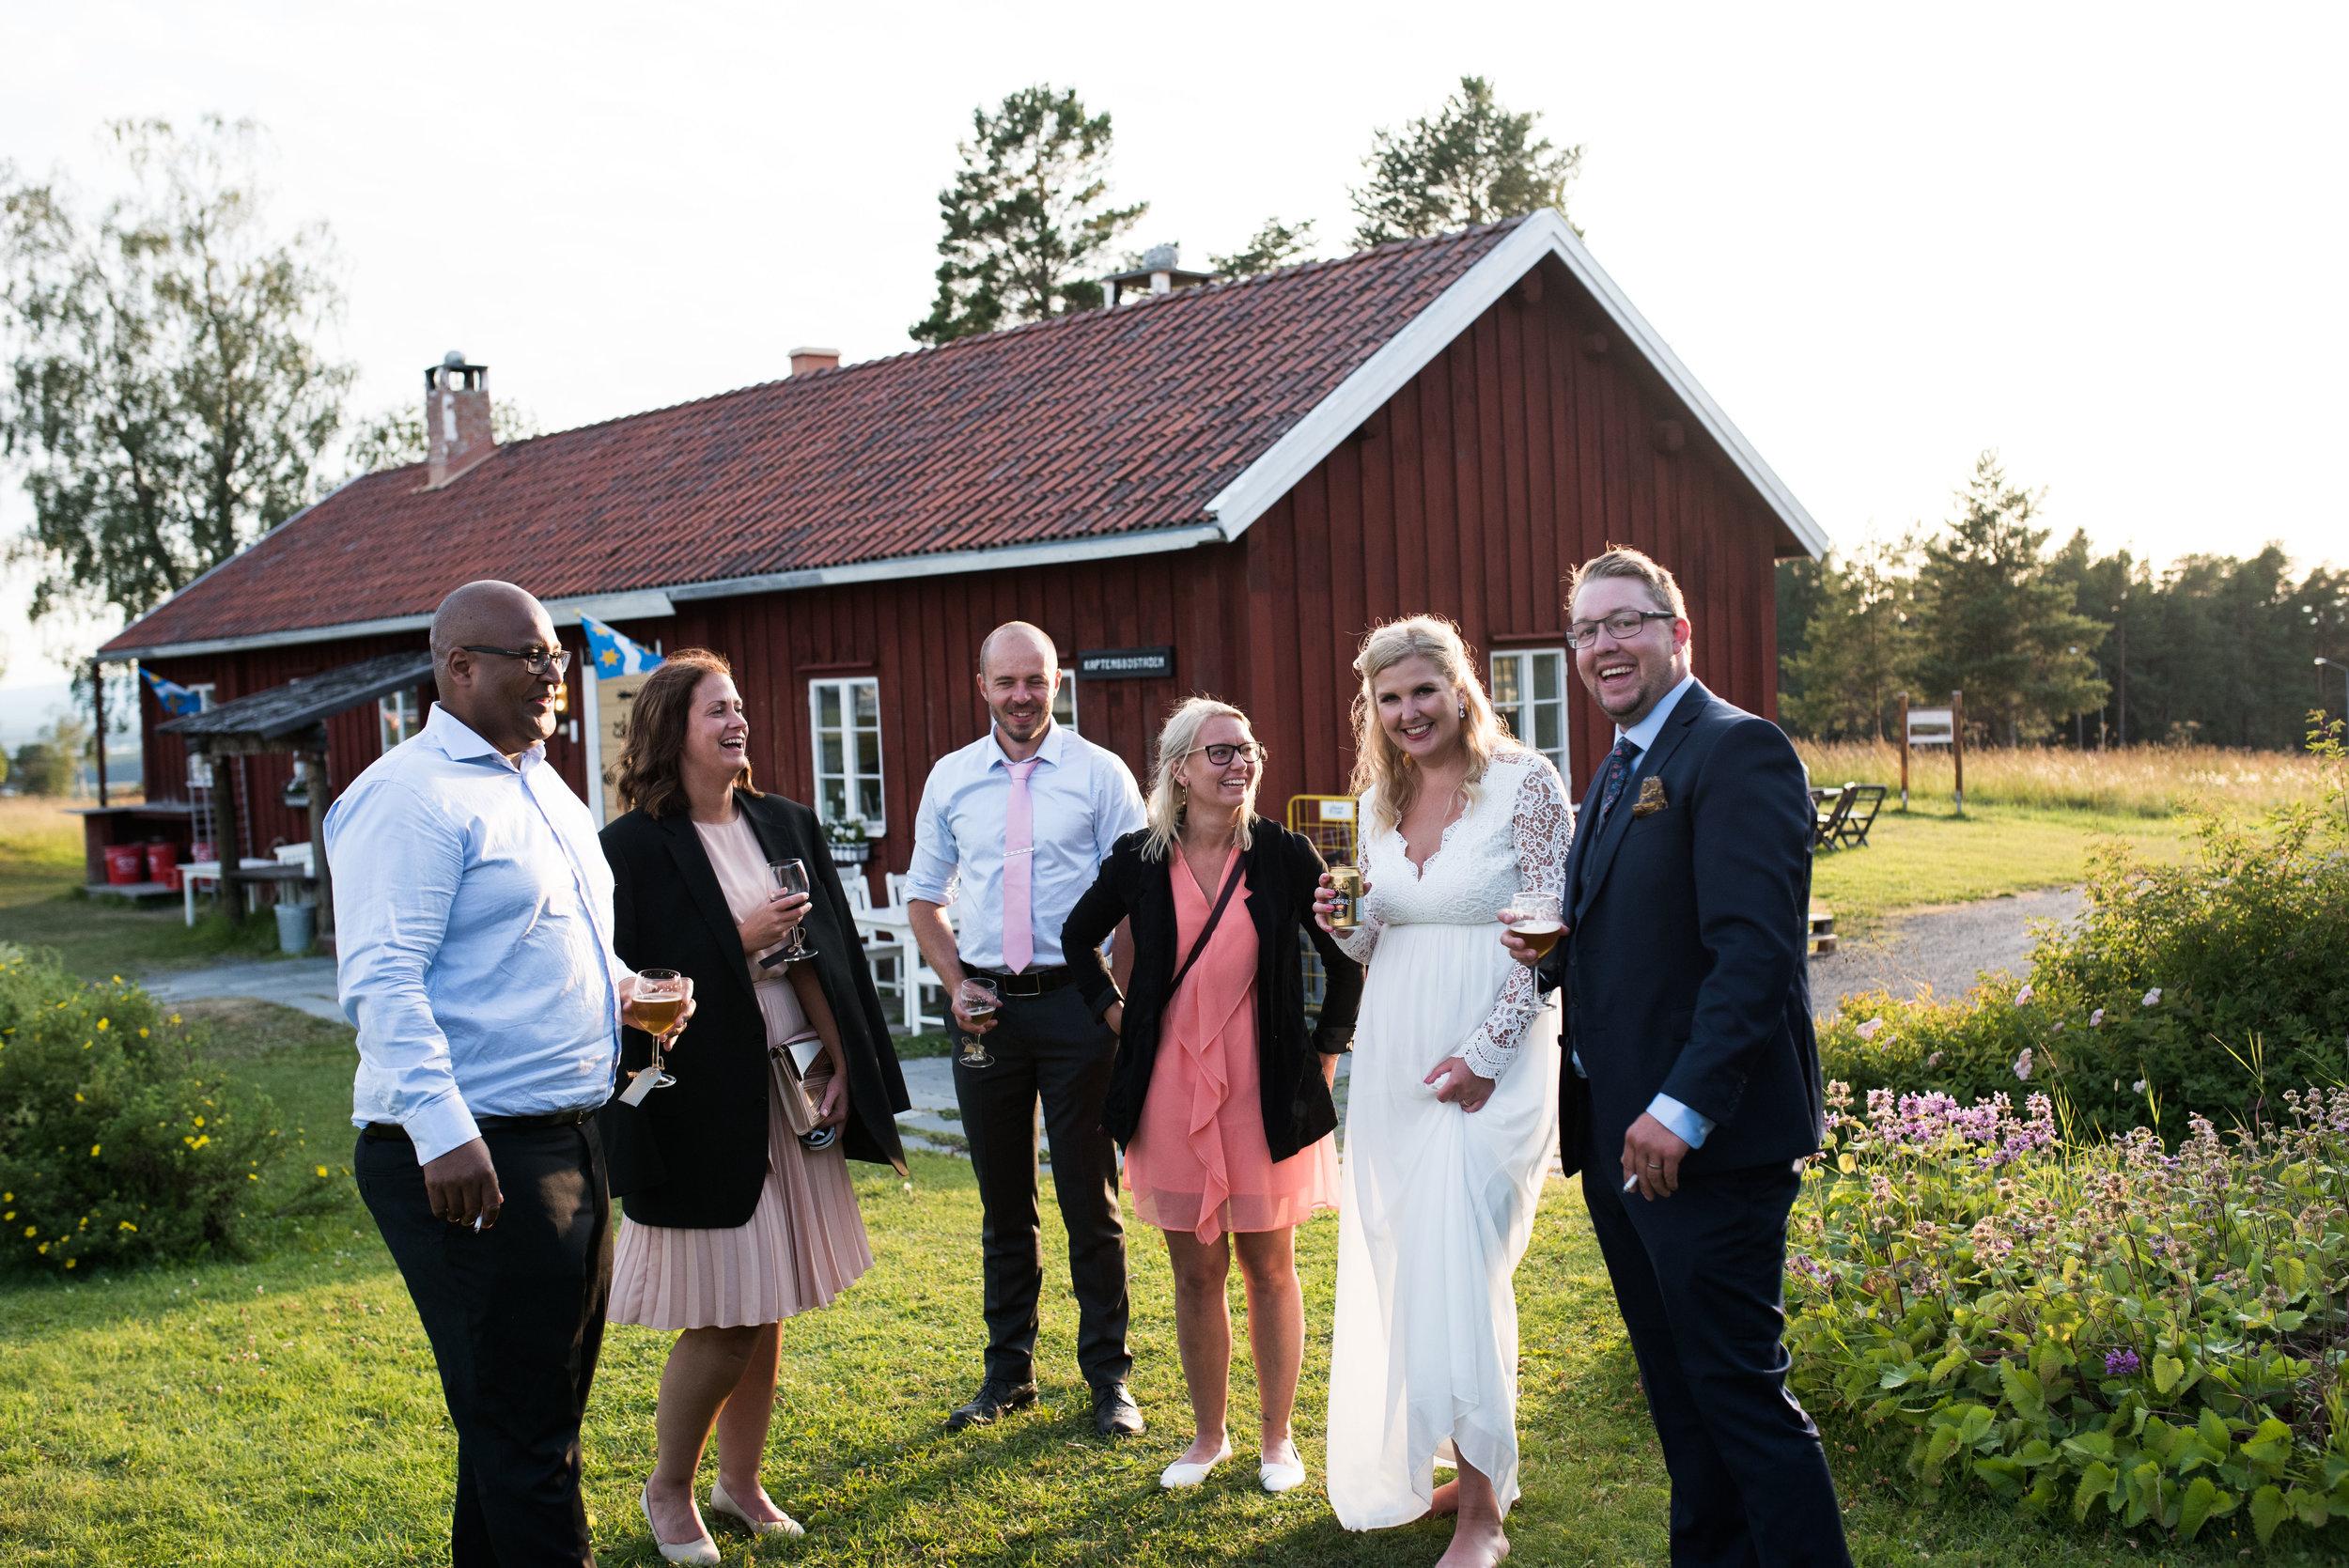 Bröllop2019lågkvall2-6298.jpg